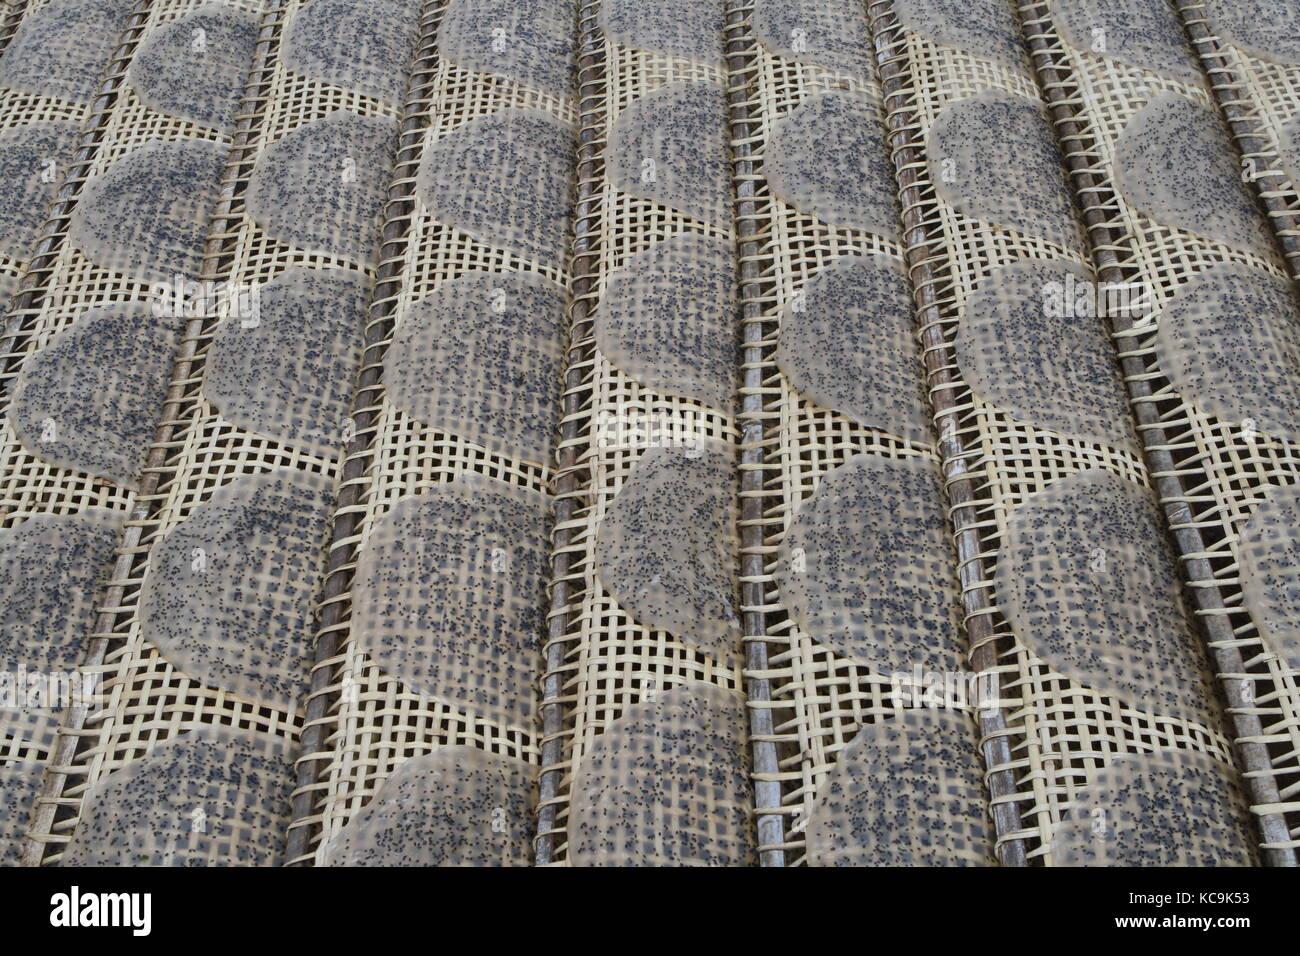 Reisfladen zum Trocknen für Frühlingsrollen - Stock Image